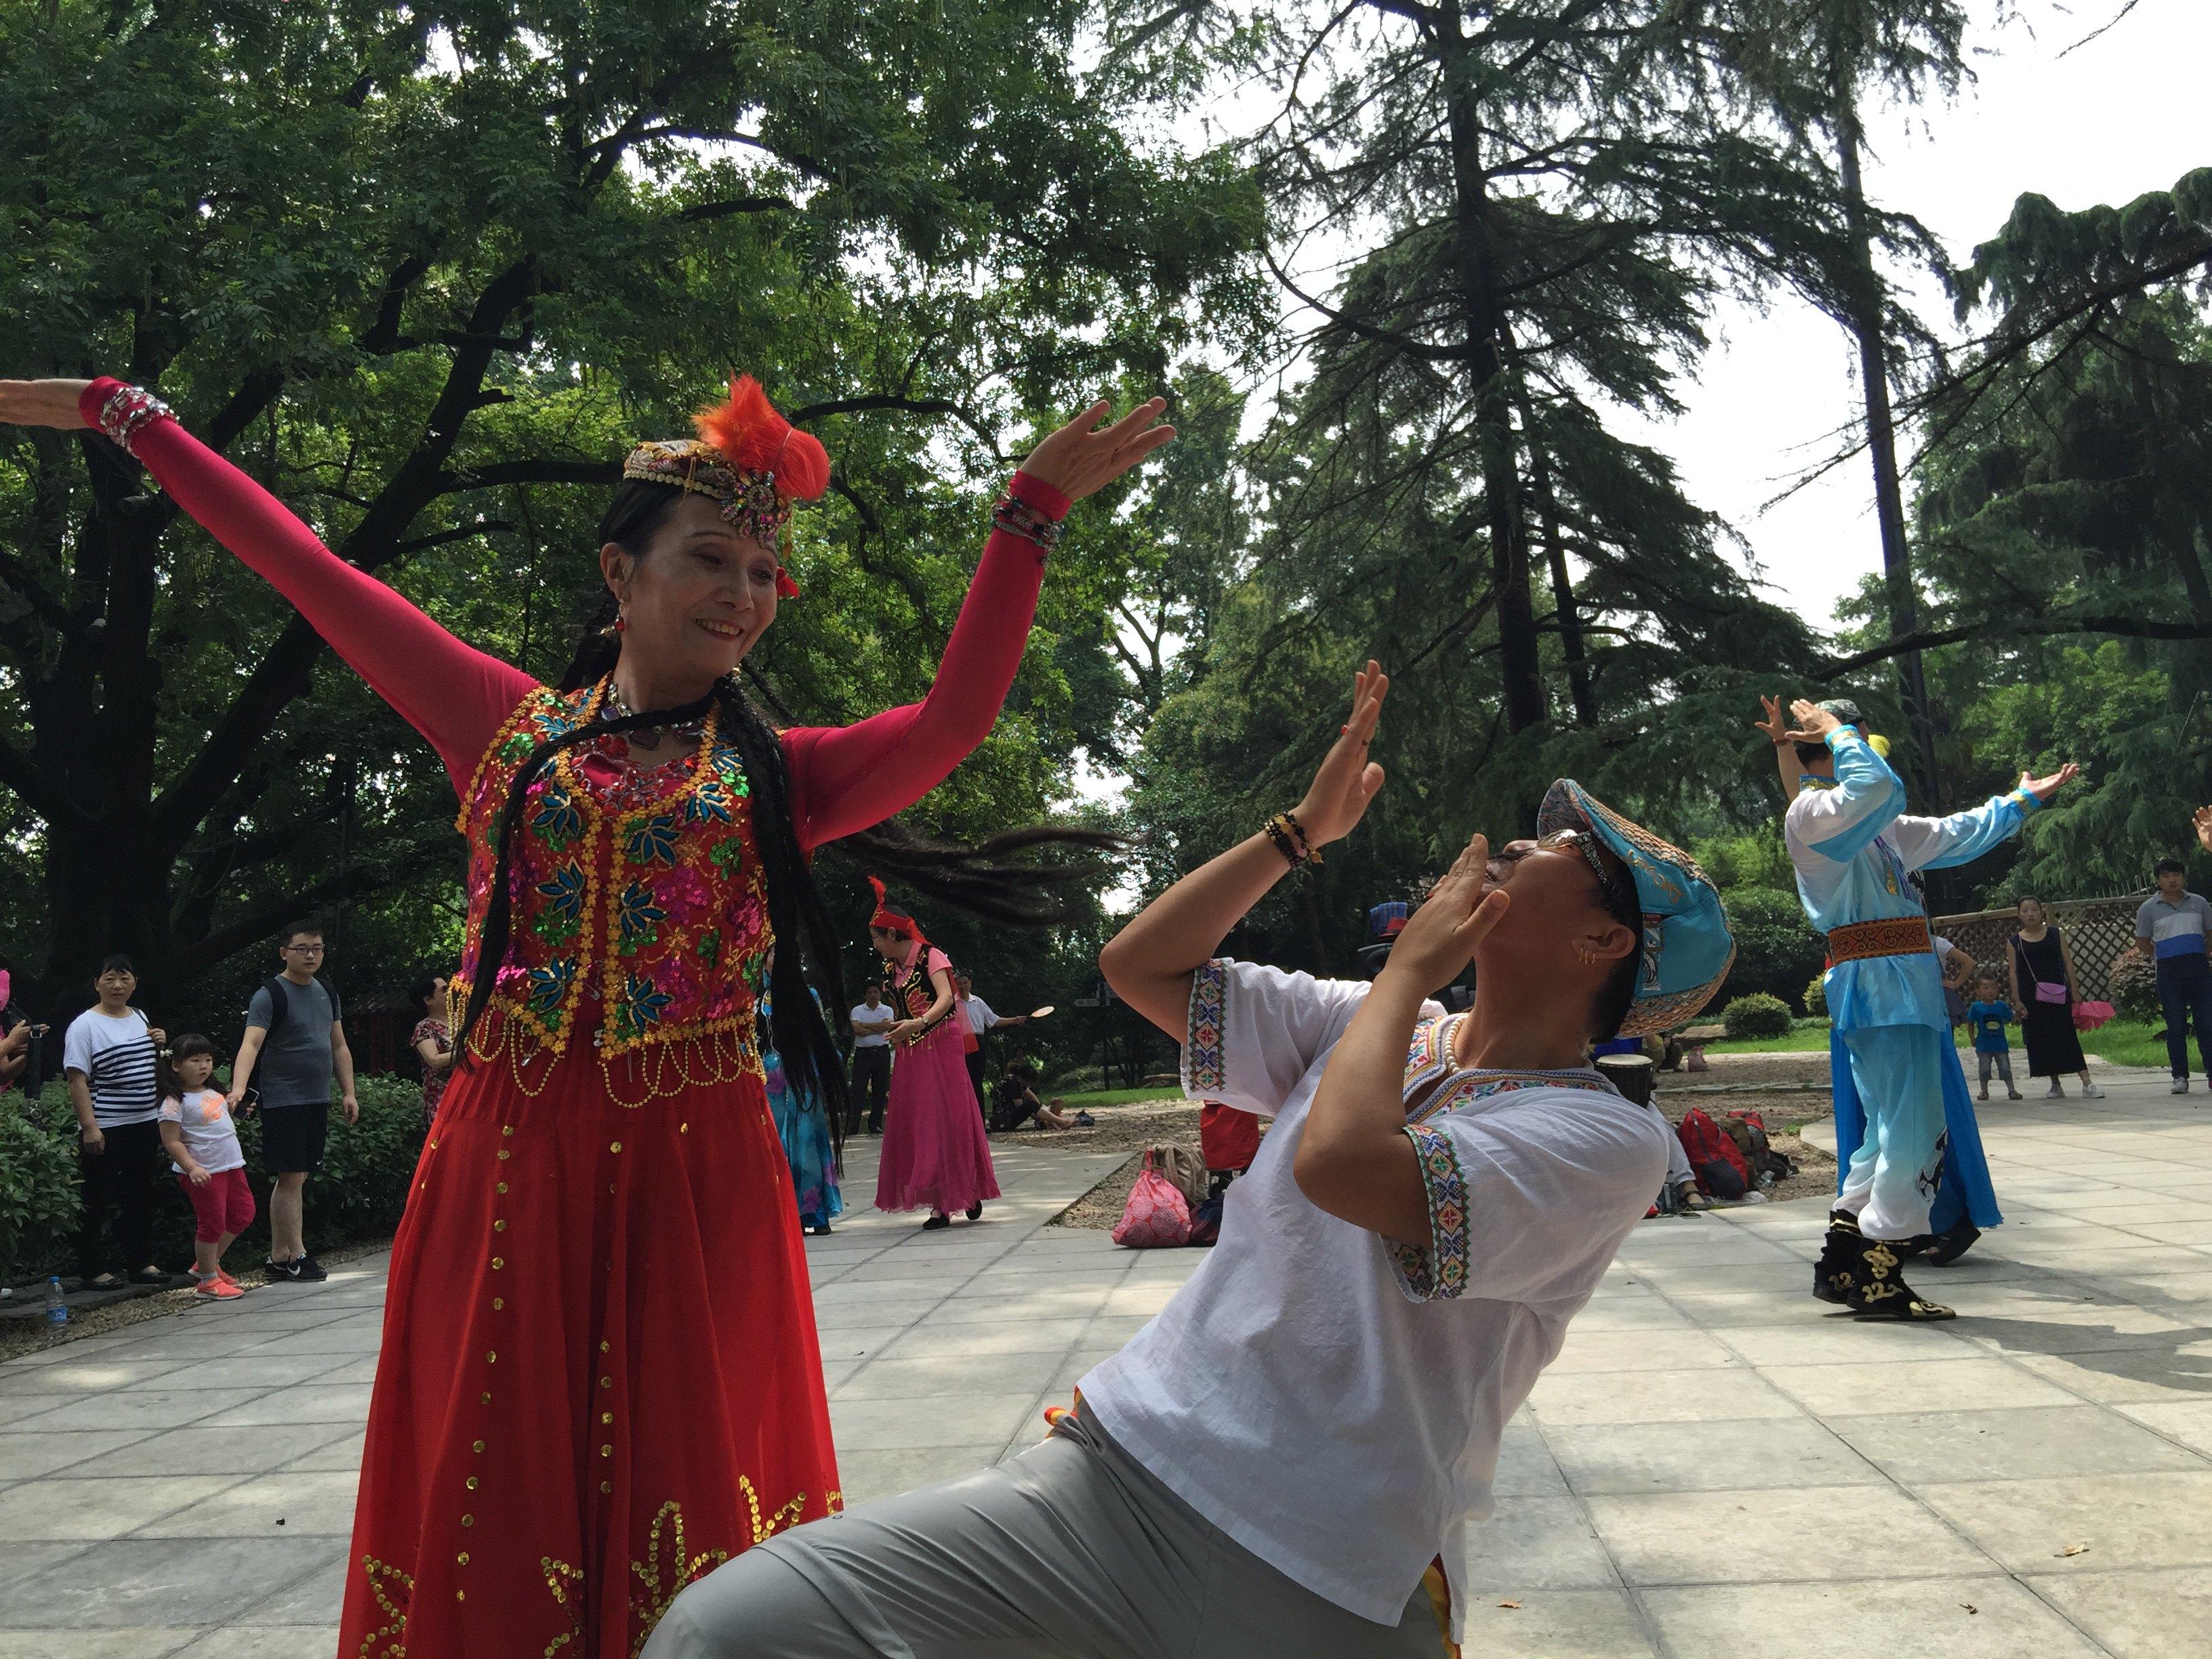 场舞到新疆去_南京人跳新疆舞也是醉了